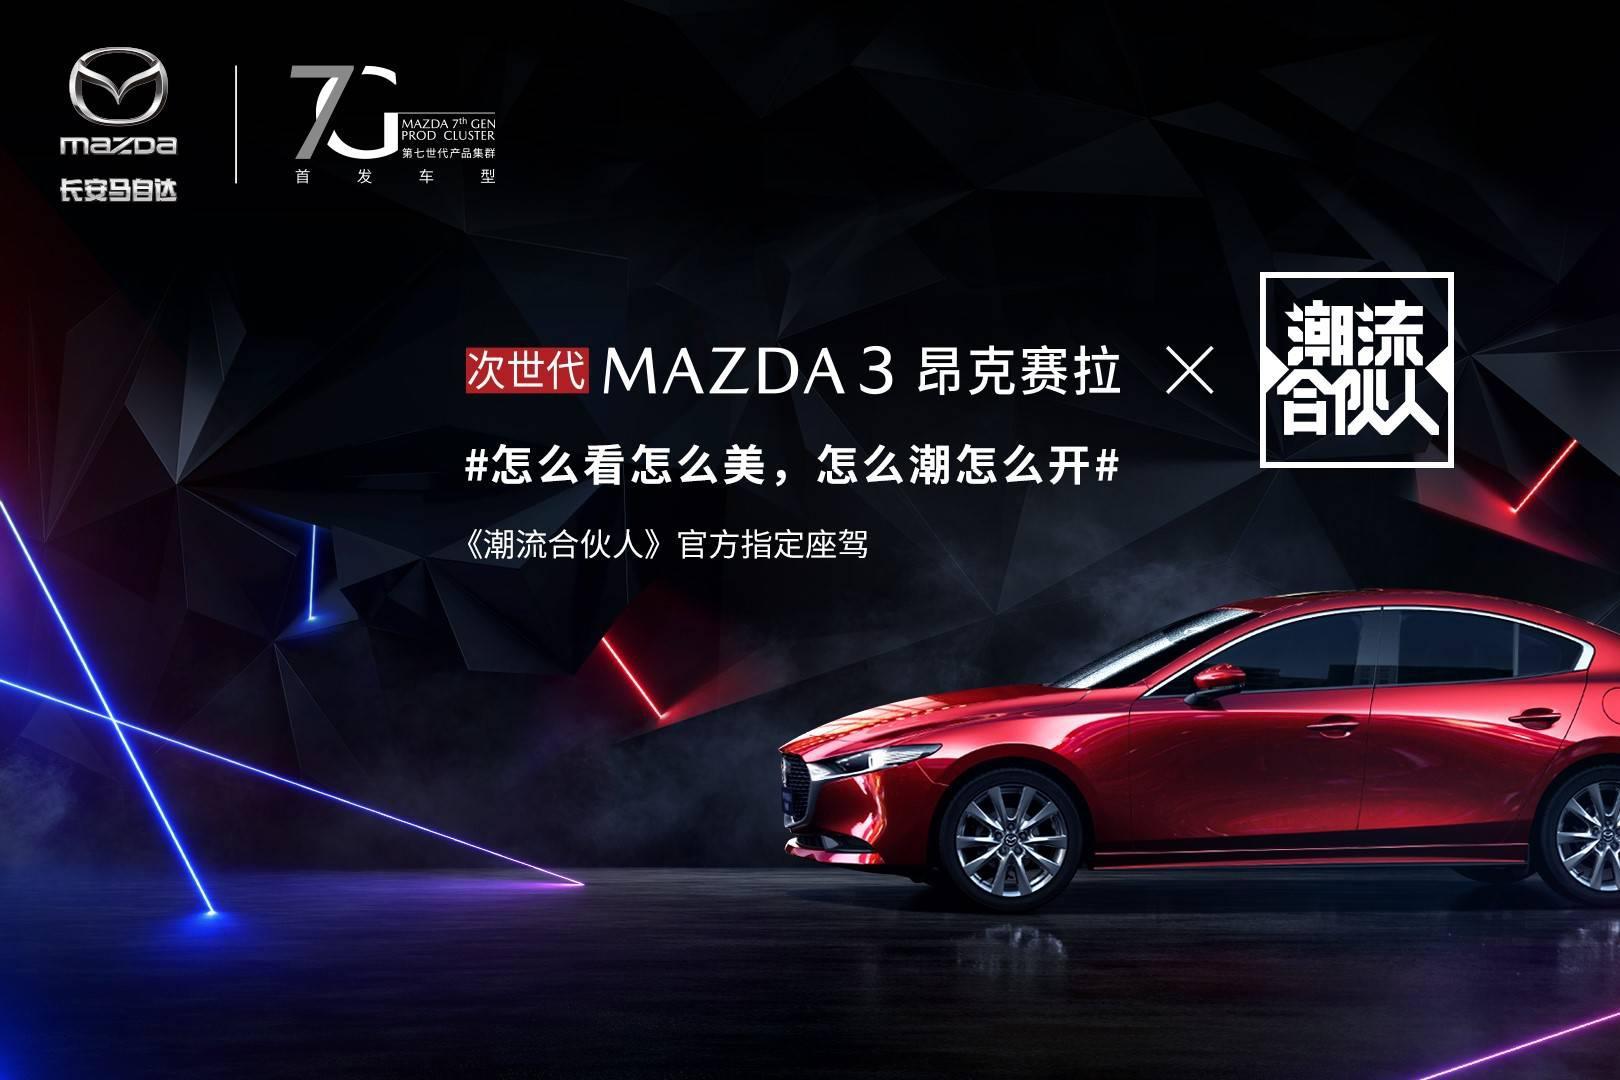 次世代MAZDA3 昂克赛拉《潮流合伙人》栏目官方指定座驾